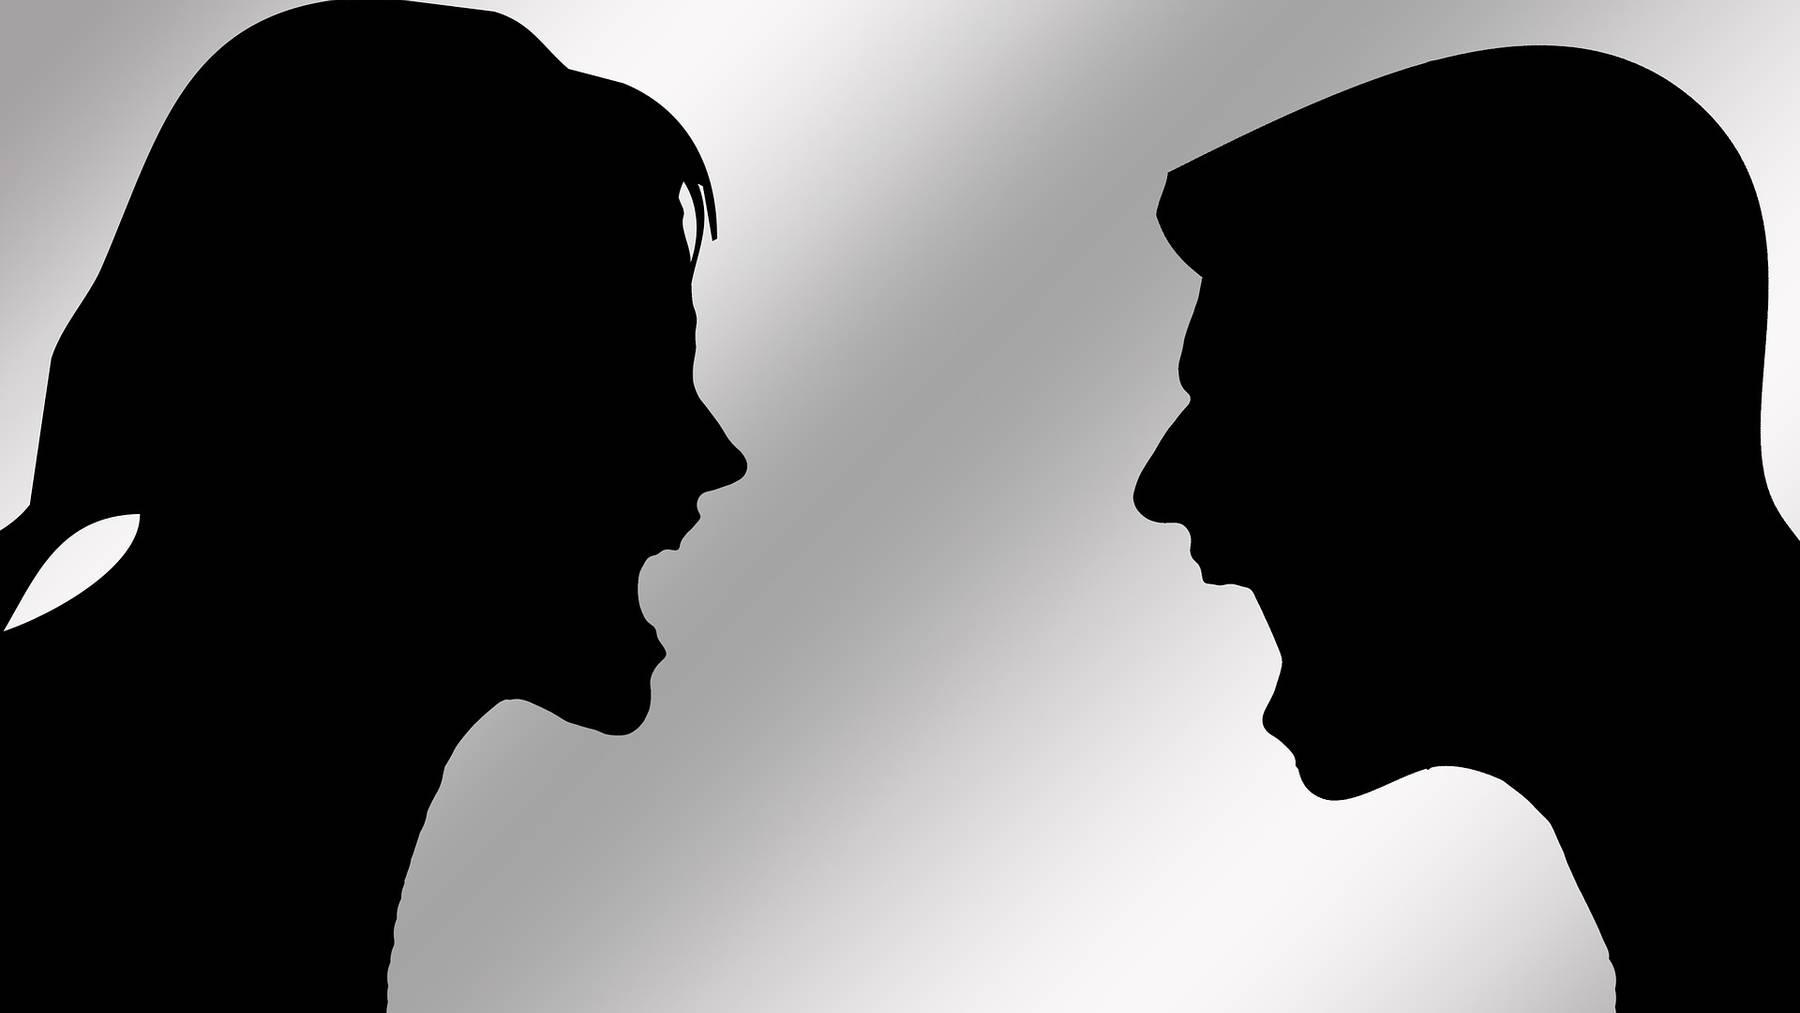 Trennung wegen politischer Einstellung